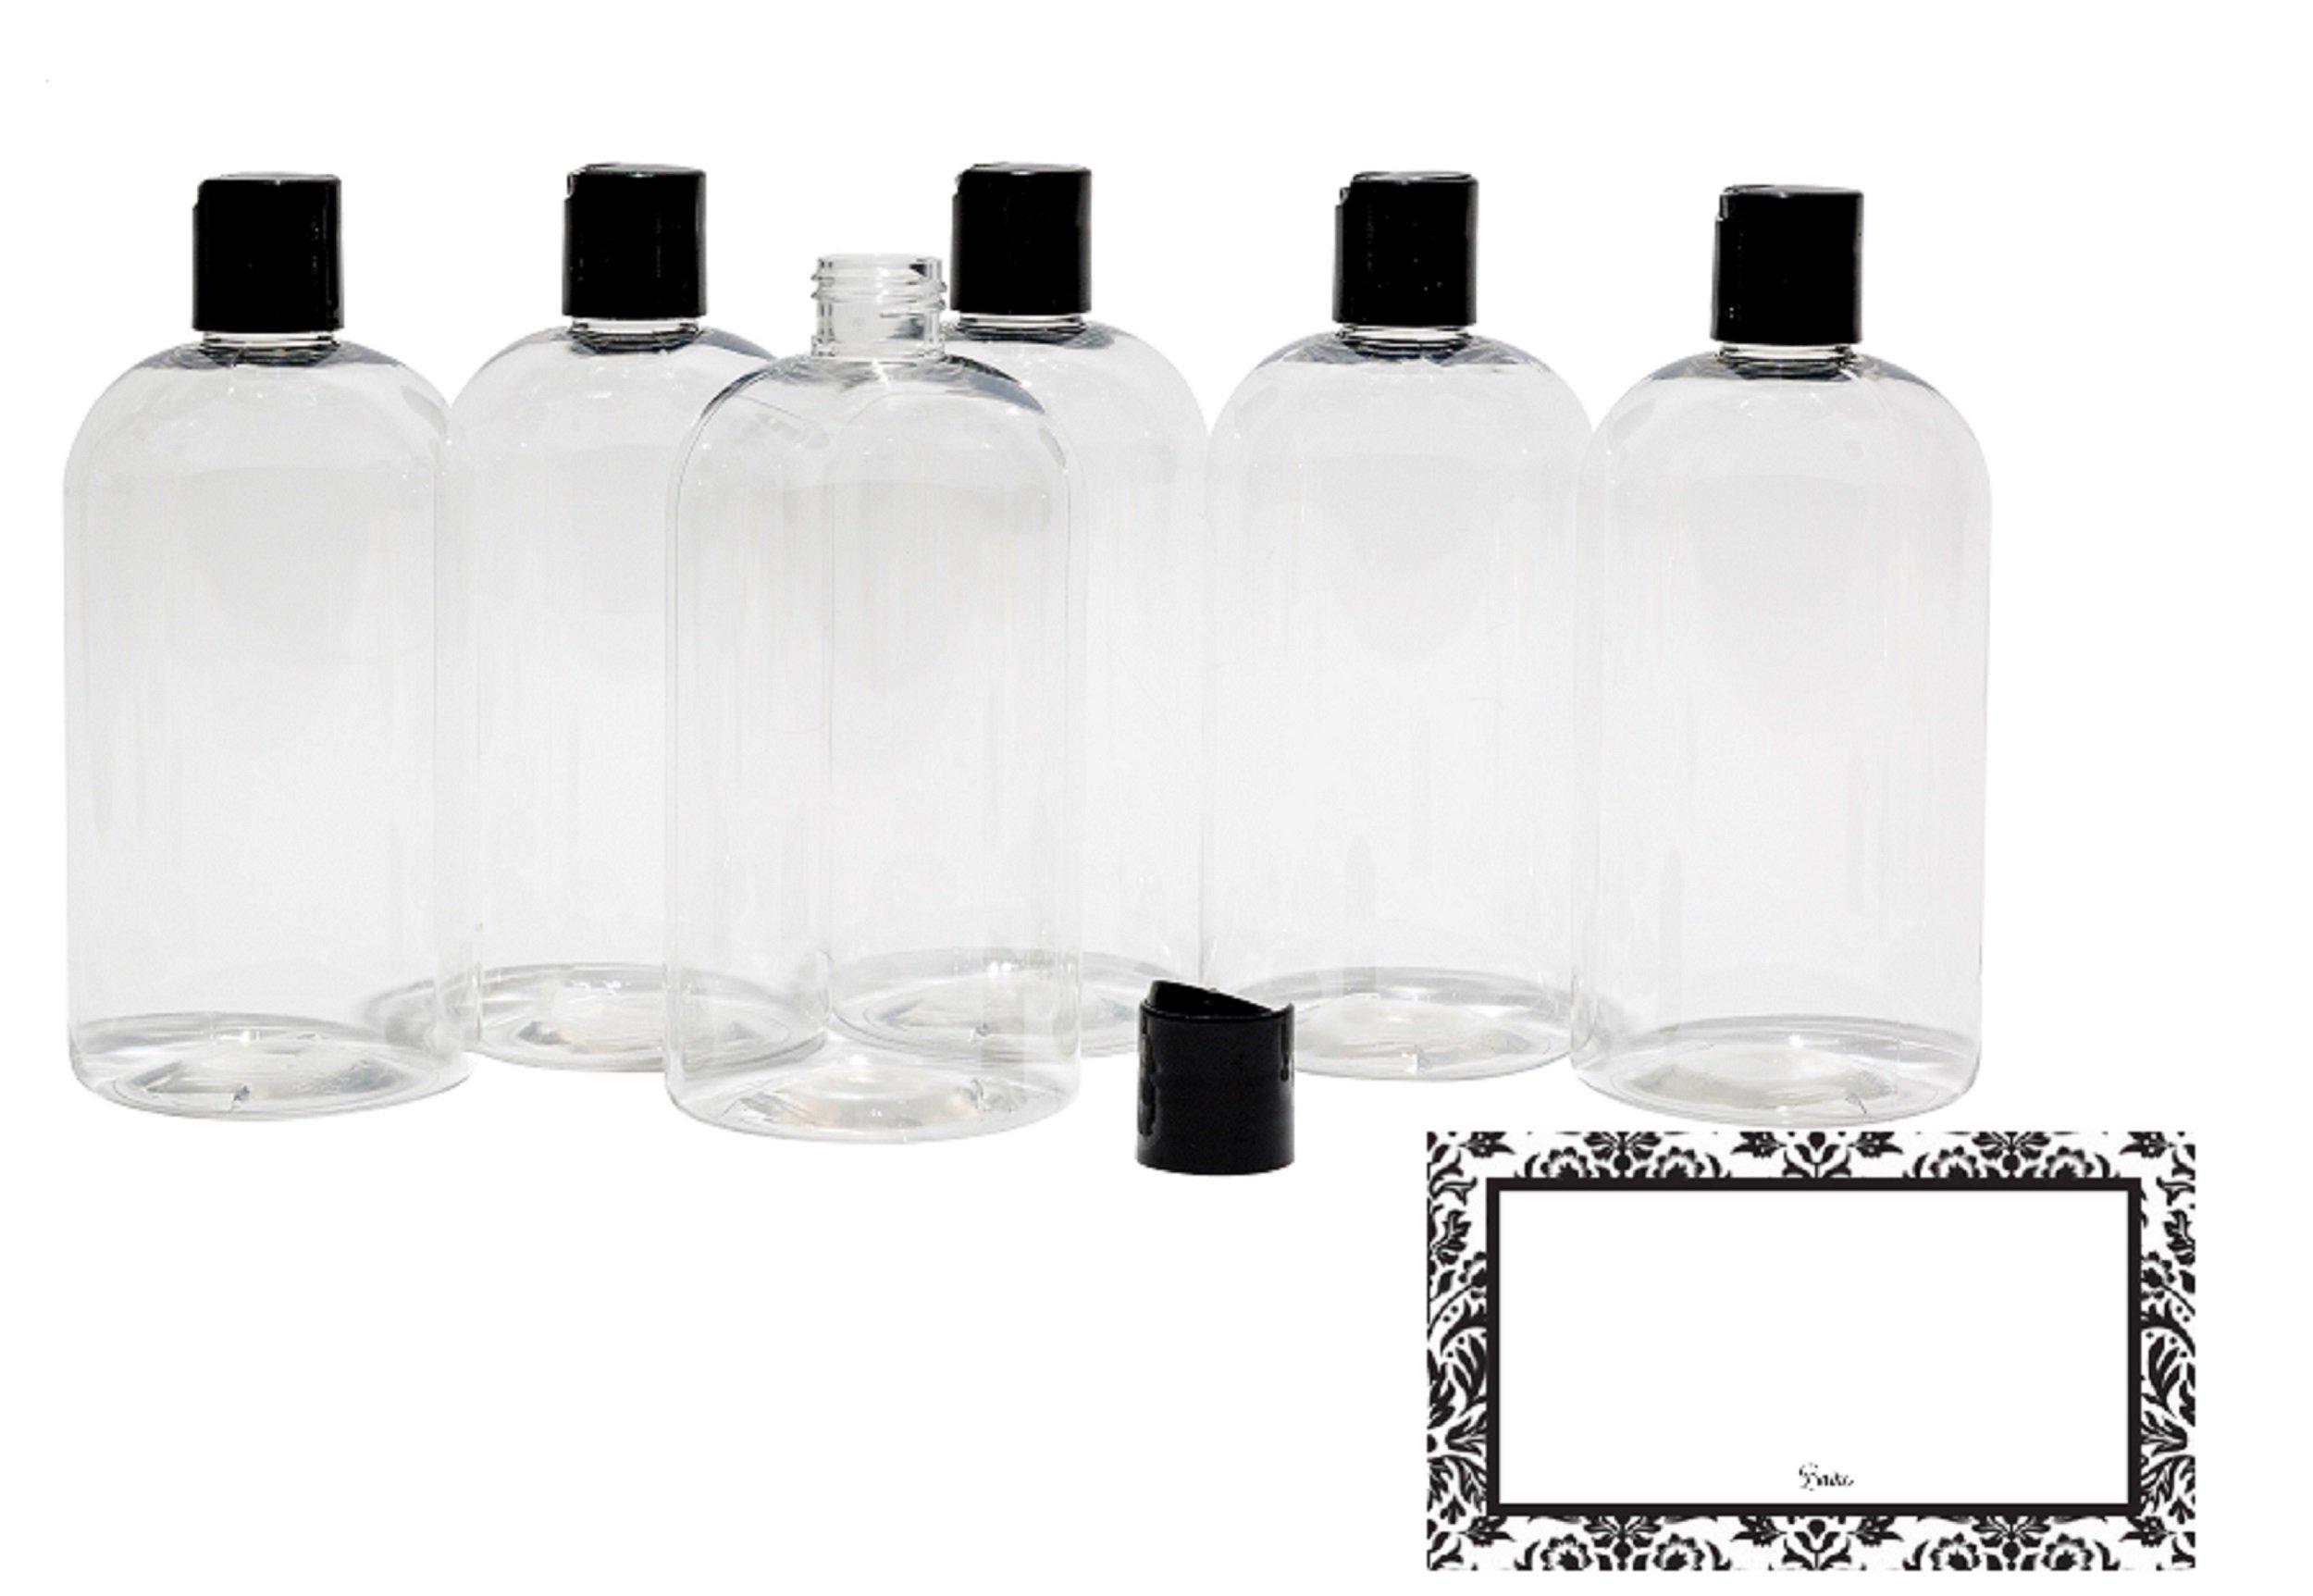 4d09a4b32370 Amazon.com : BAIRE BOTTLES - 8 OZ CLEAR PLASTIC REFILLABLE BOTTLES ...